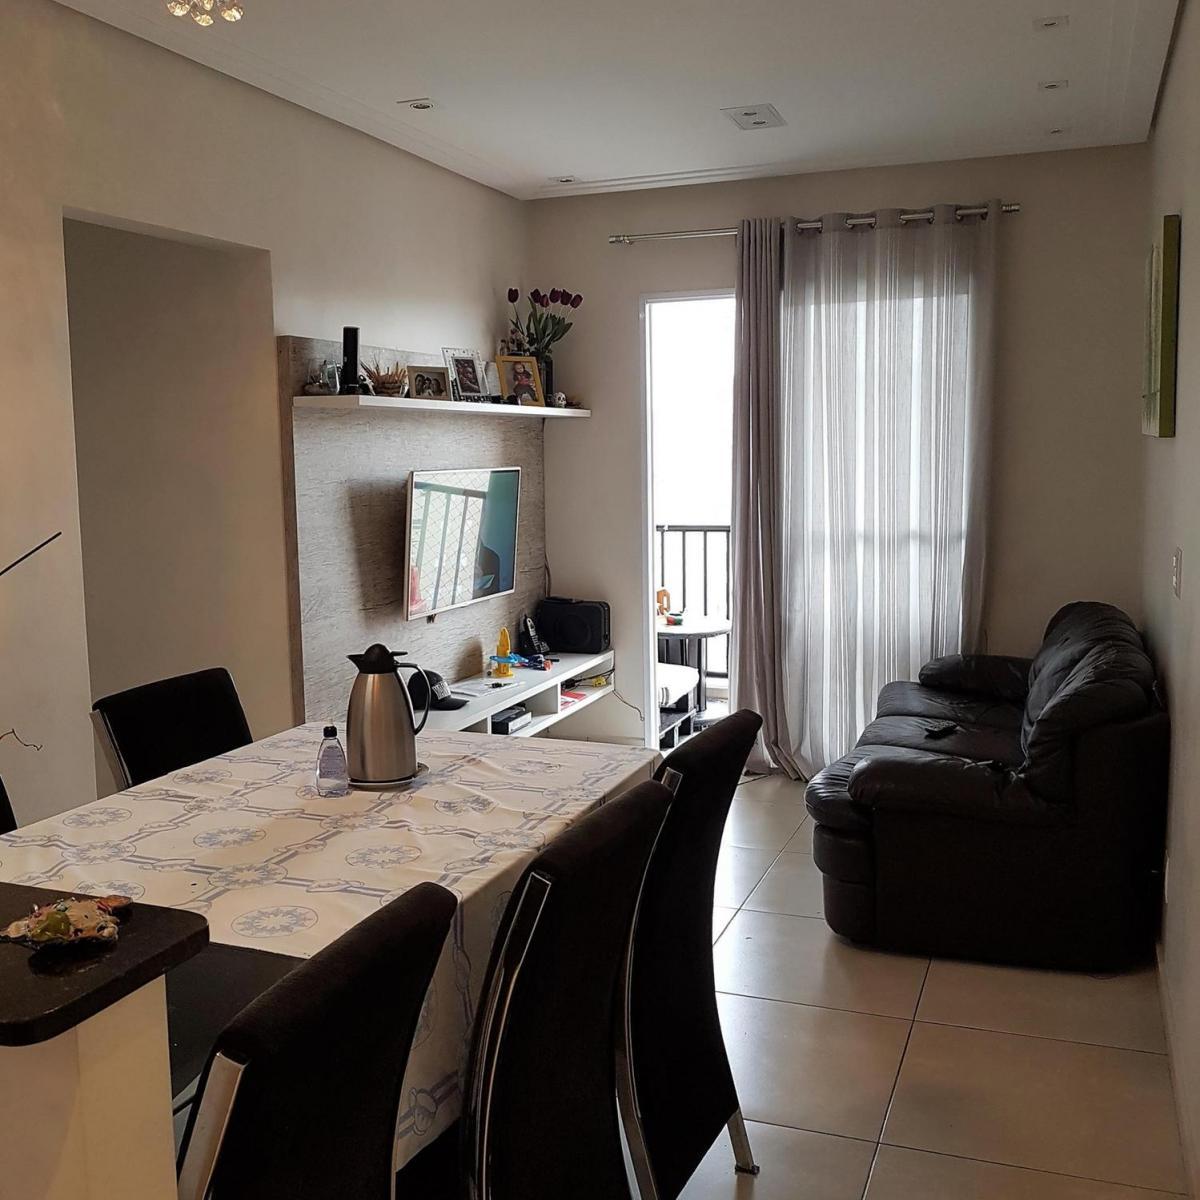 Apartamento Mobiliado 65m² e 3 quartos em Umuarama - Osasco - SP.